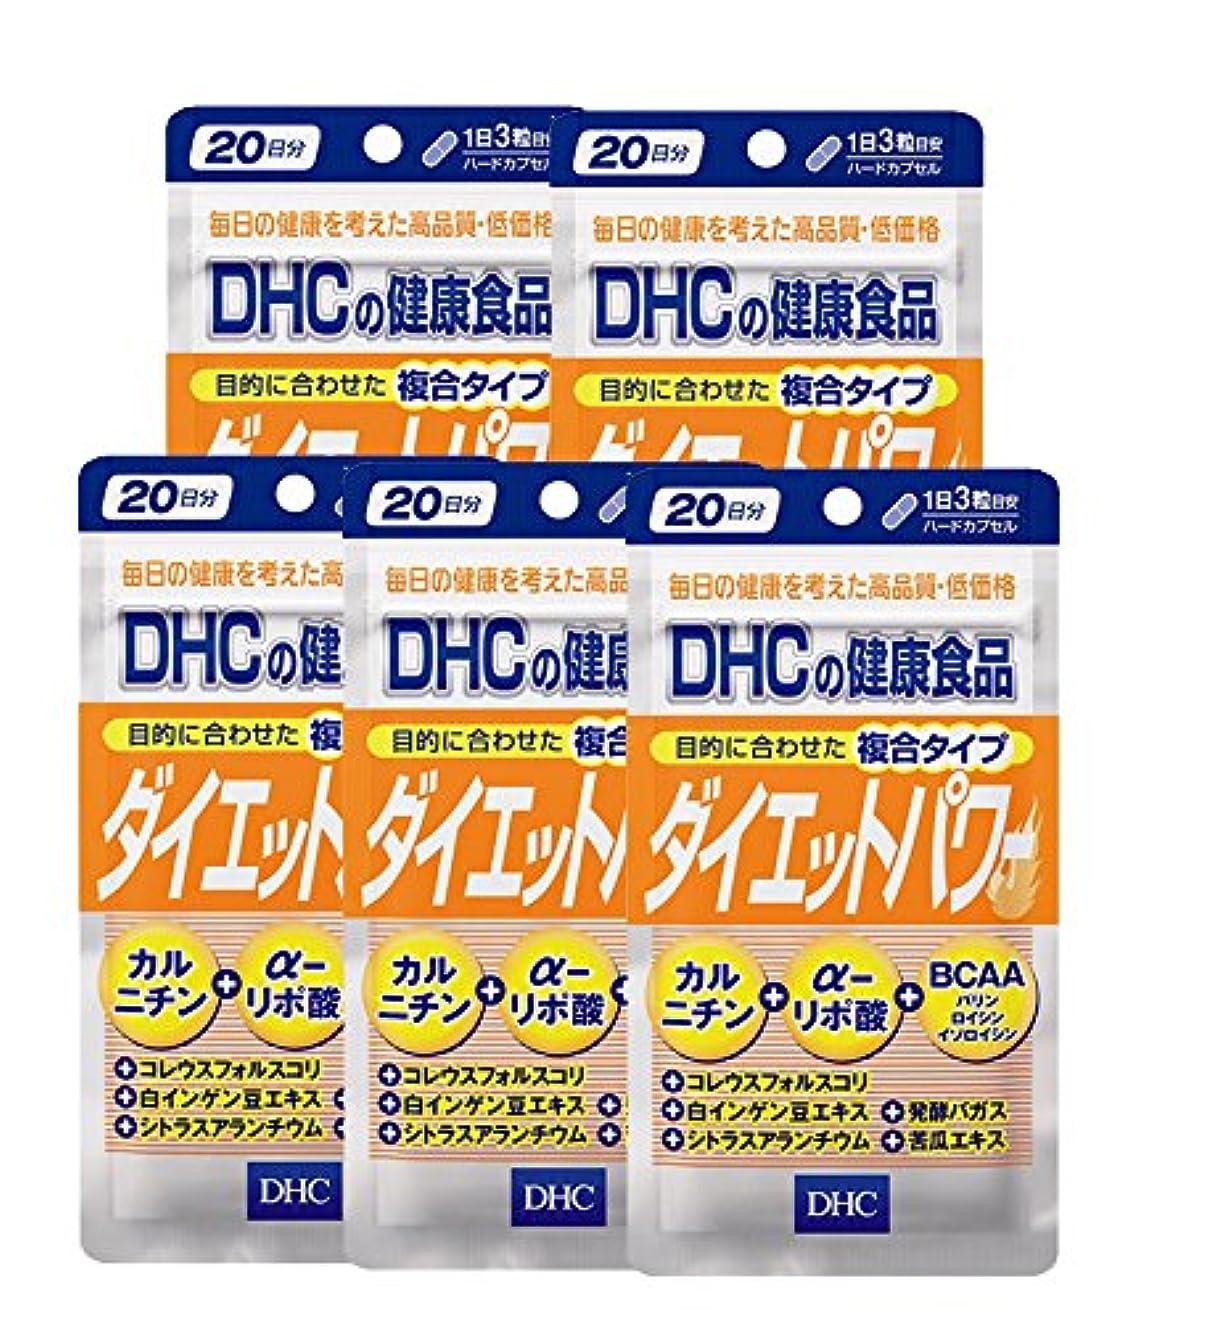 起こる宣言する政治家【セット品】DHC ダイエットパワー 20日 60粒 5袋セット